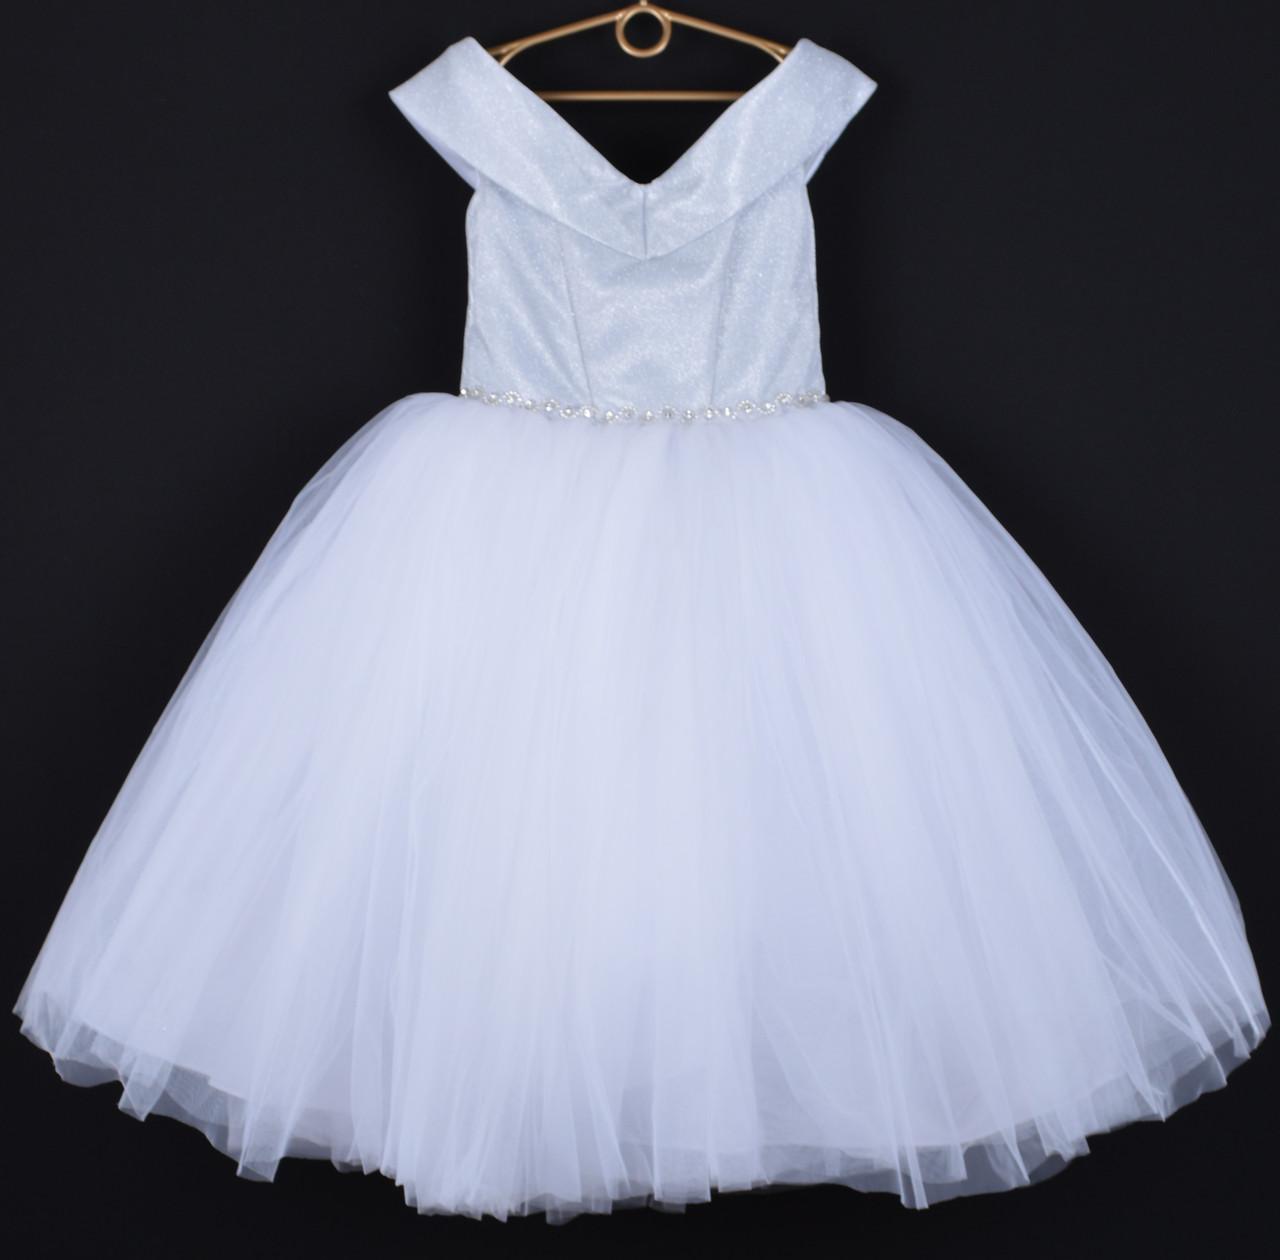 """Платье нарядное детское """"Сияние"""" со спущенными плечами. 6-7 лет. Белое. Оптом и в розницу"""